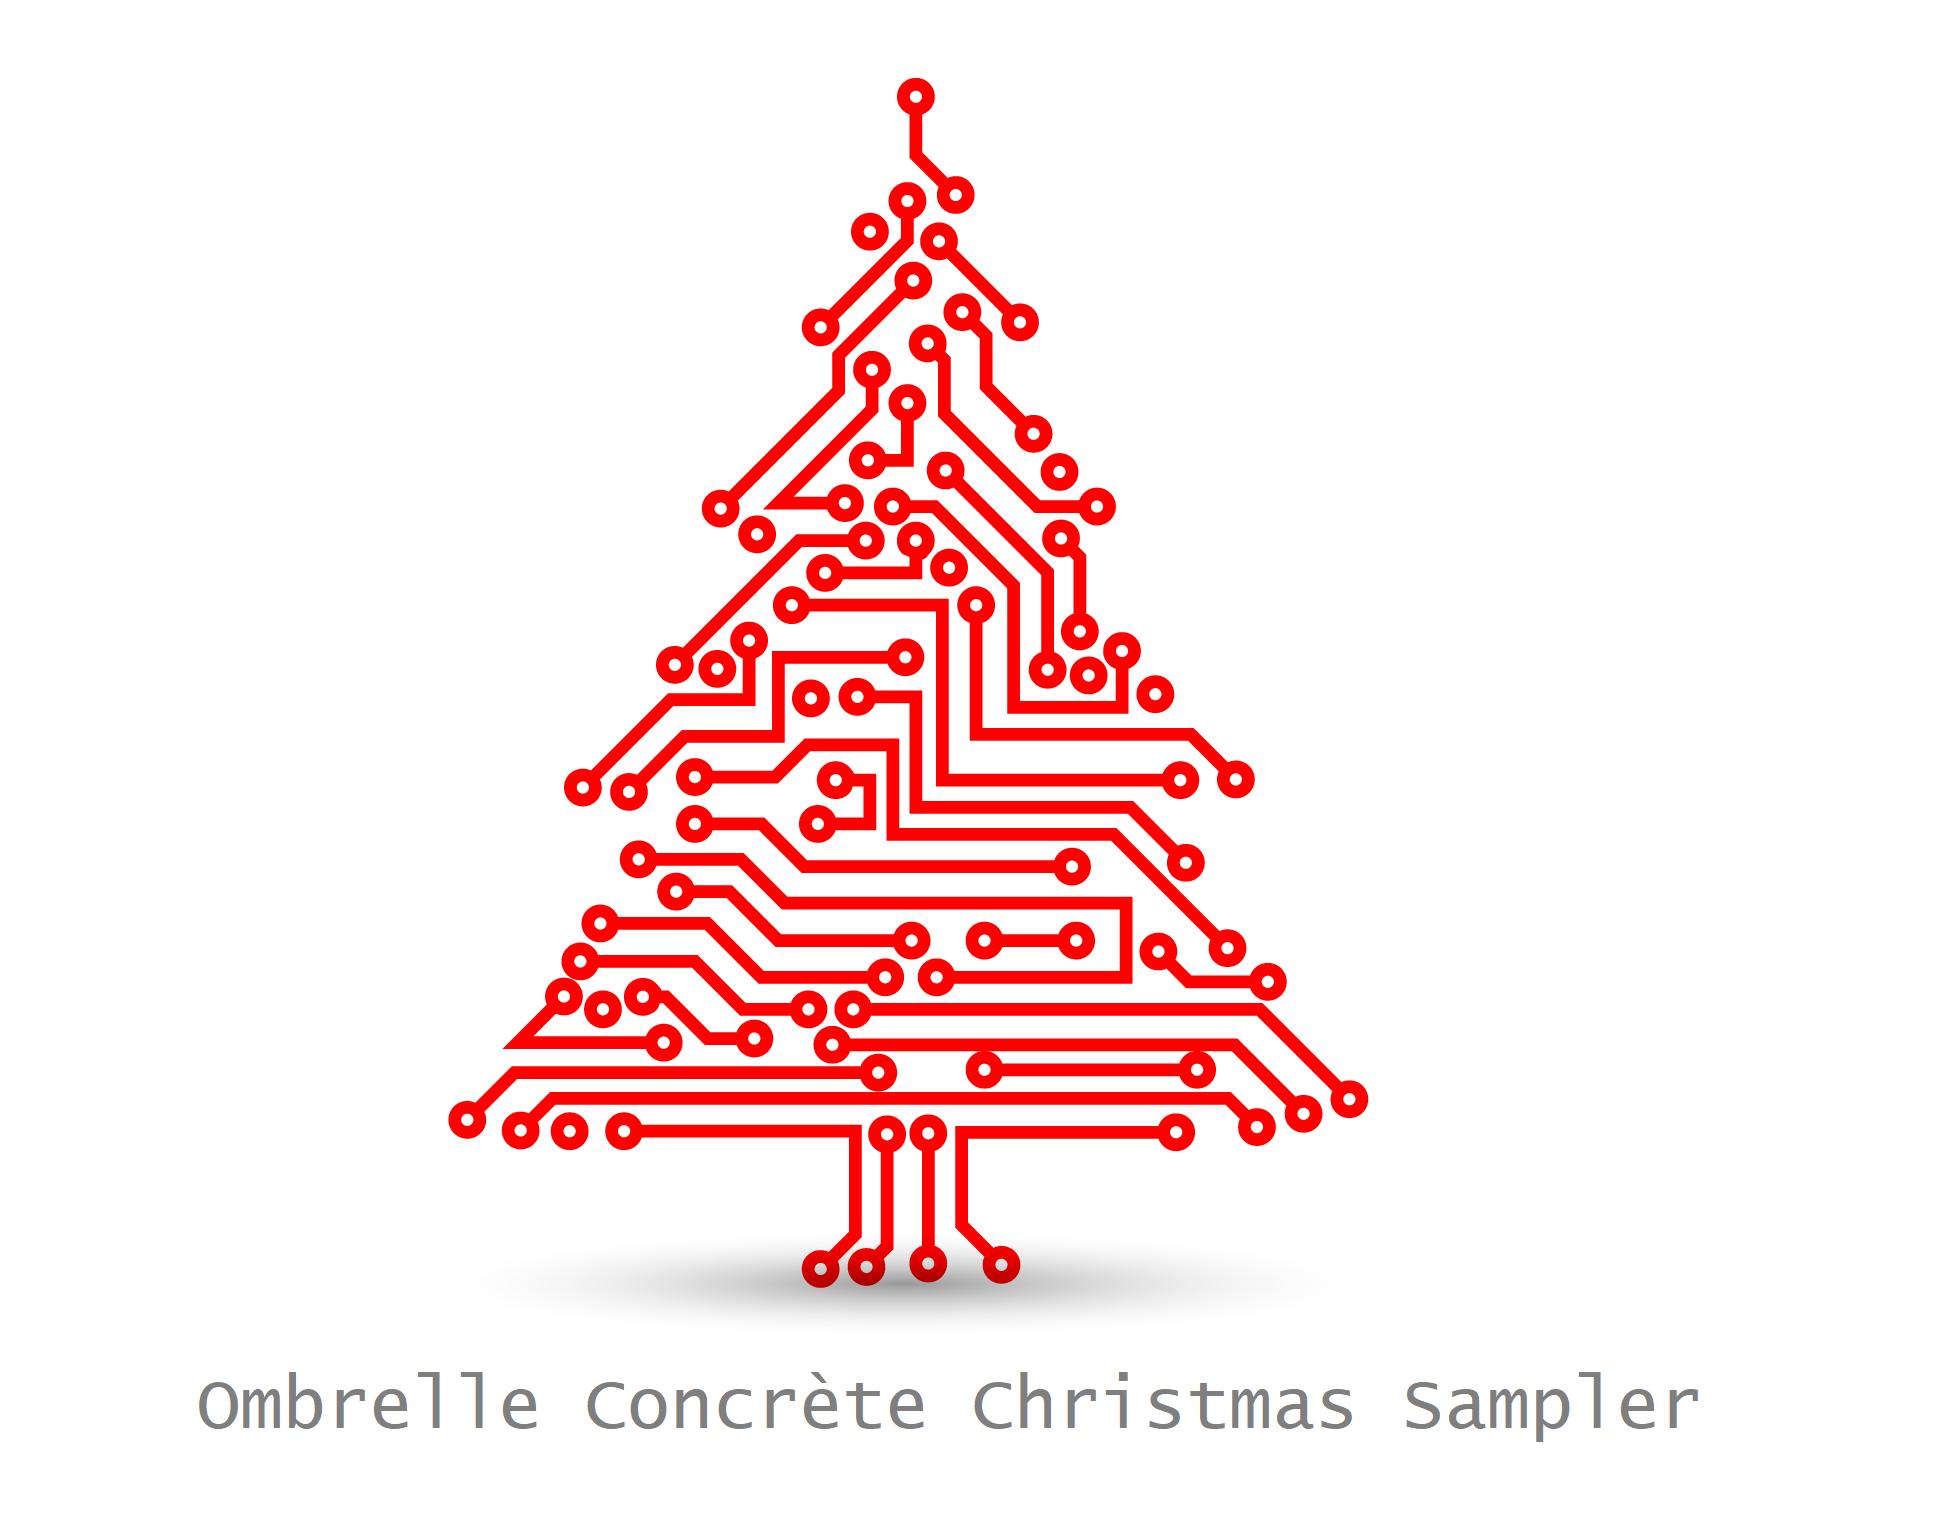 Ombrelle Concrète - A Christmas Sampler